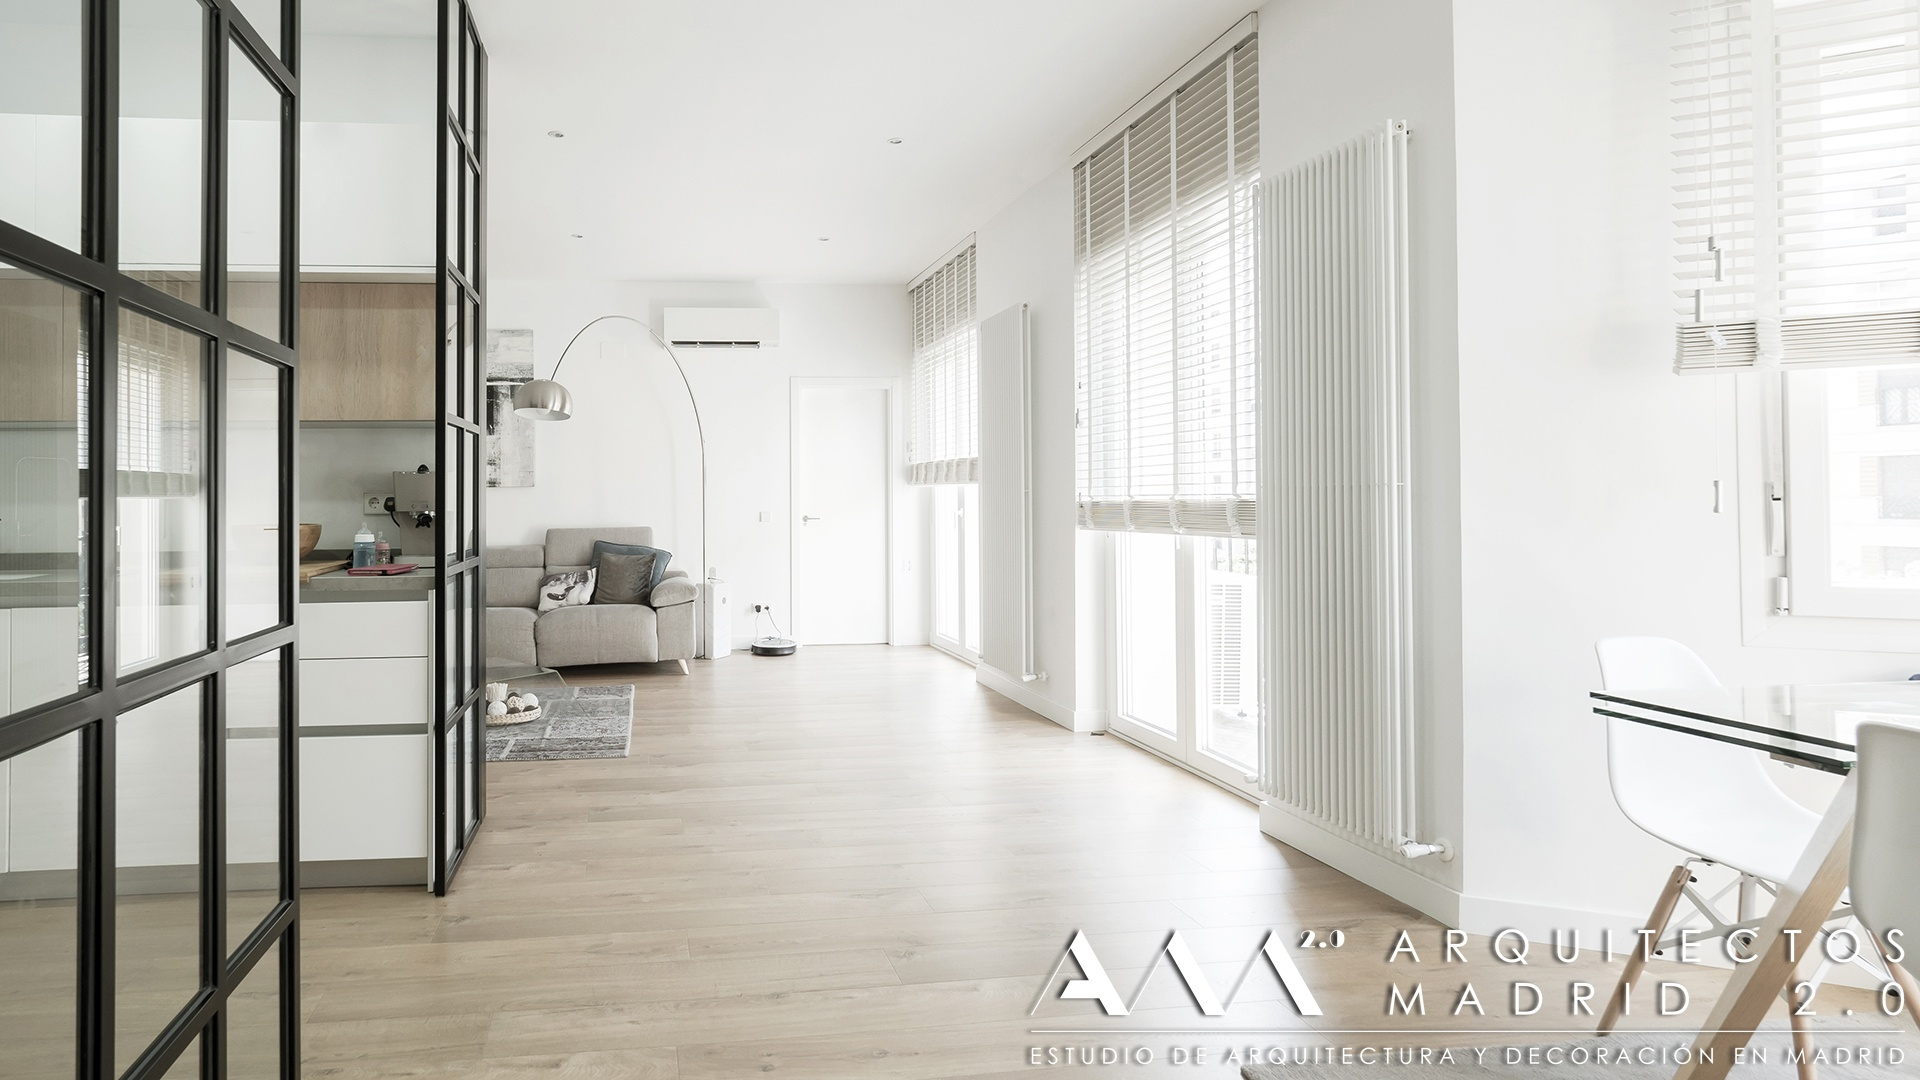 consejos-ideas-reformas-integrales-reformar-casa-salon-cocina-dormitorio-reforma-hogar-interior-decoracion-04